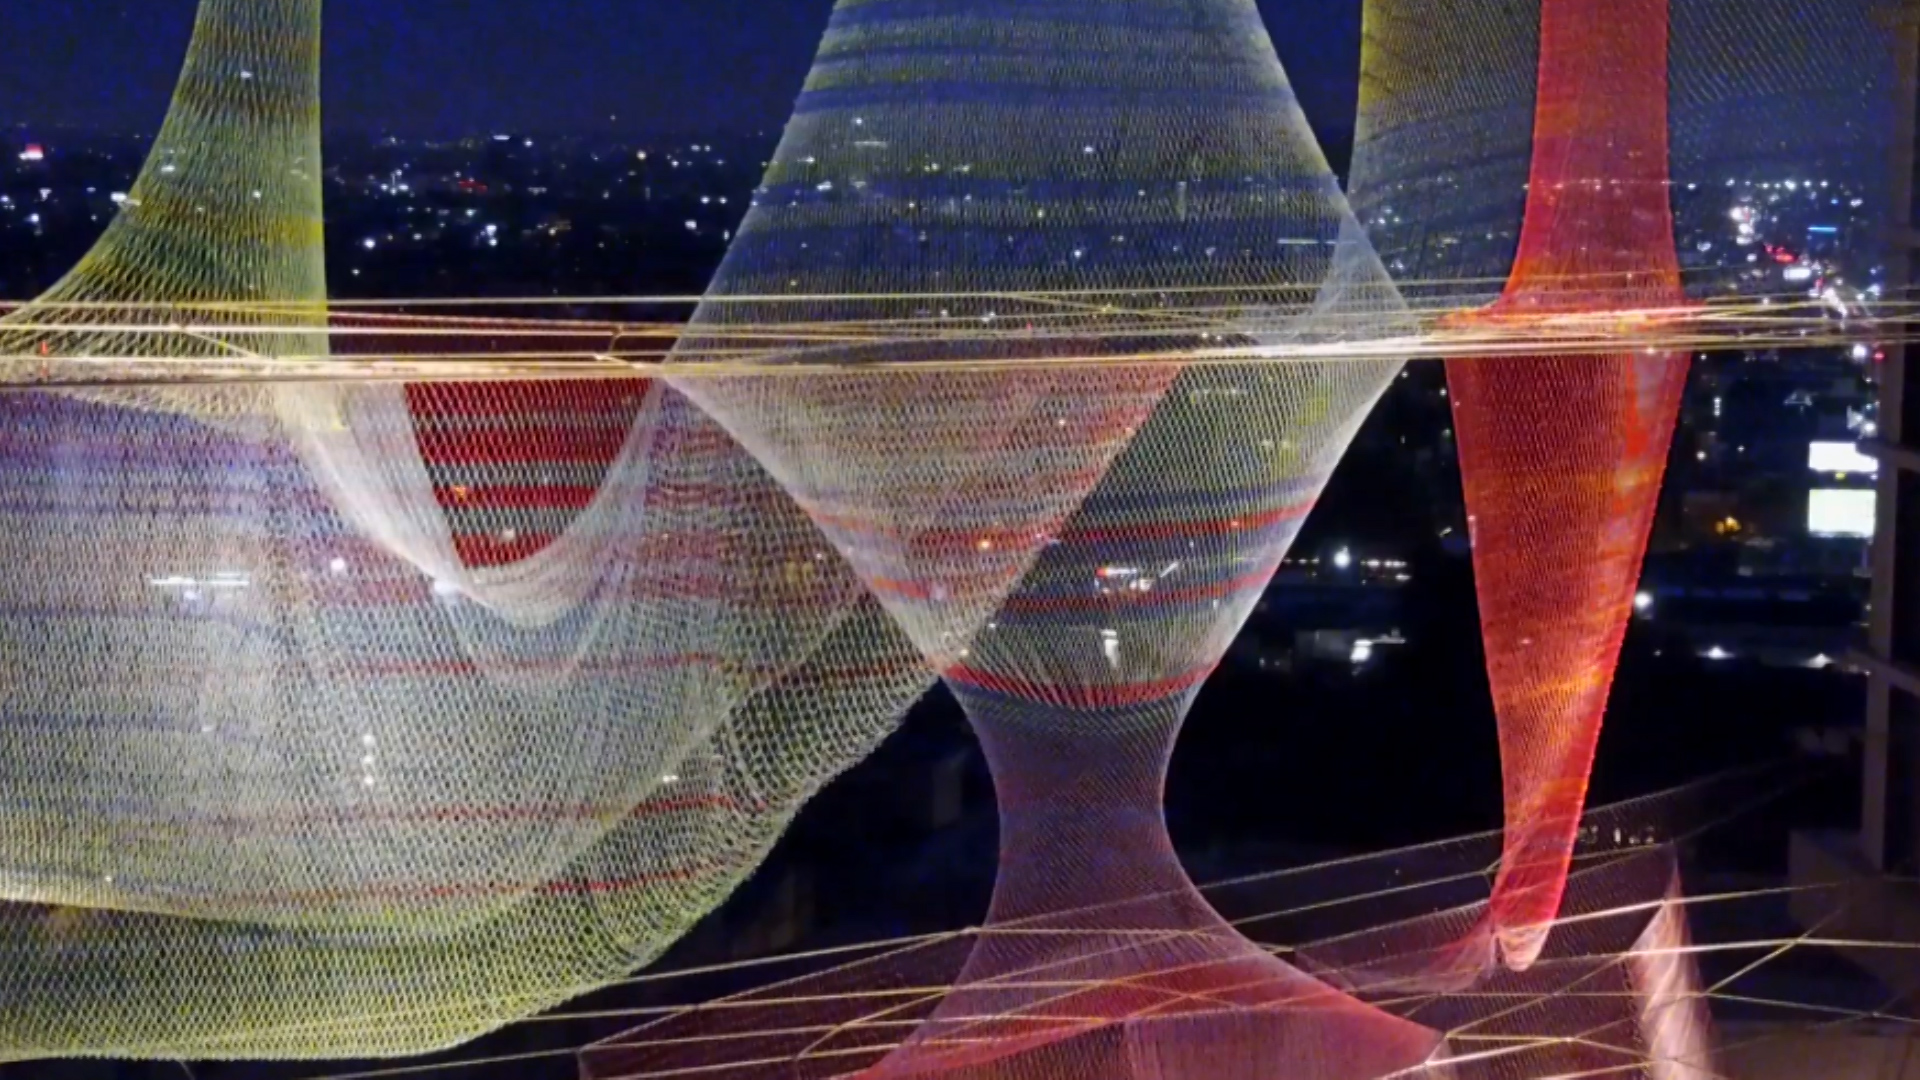 Janet Echelman Drone Art.jpg